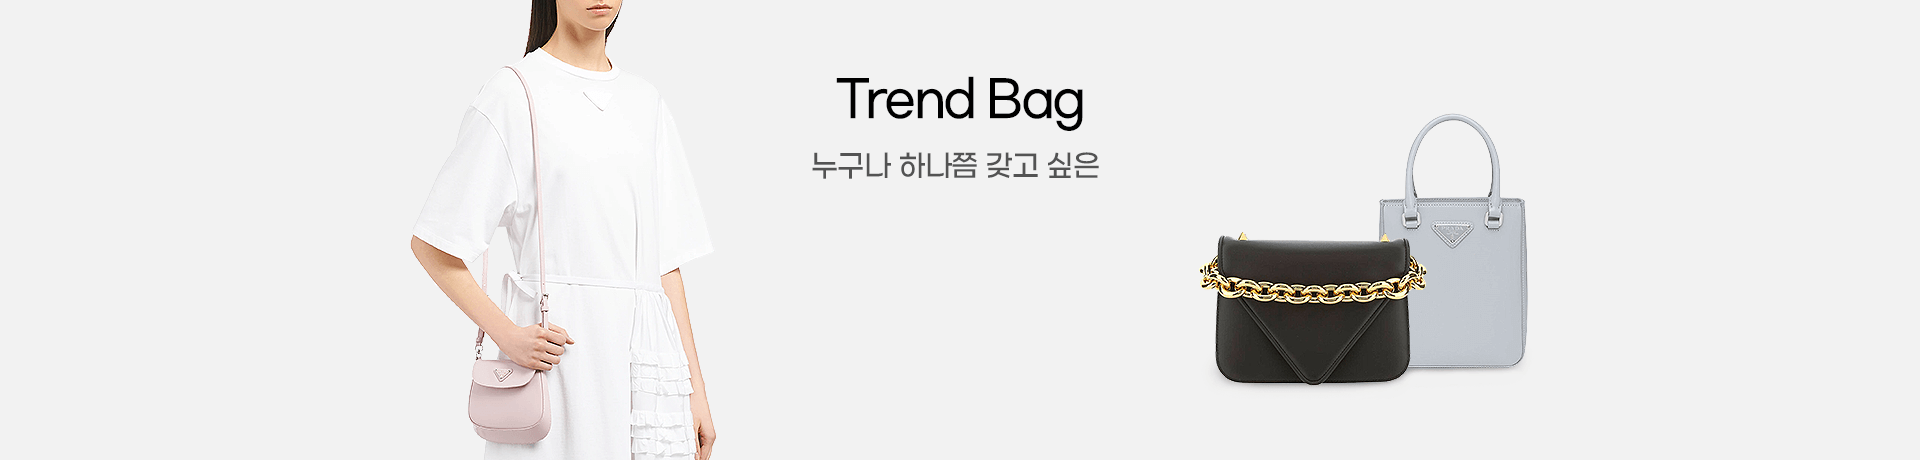 210913_yh_trend-bag_pc_f2f2f2